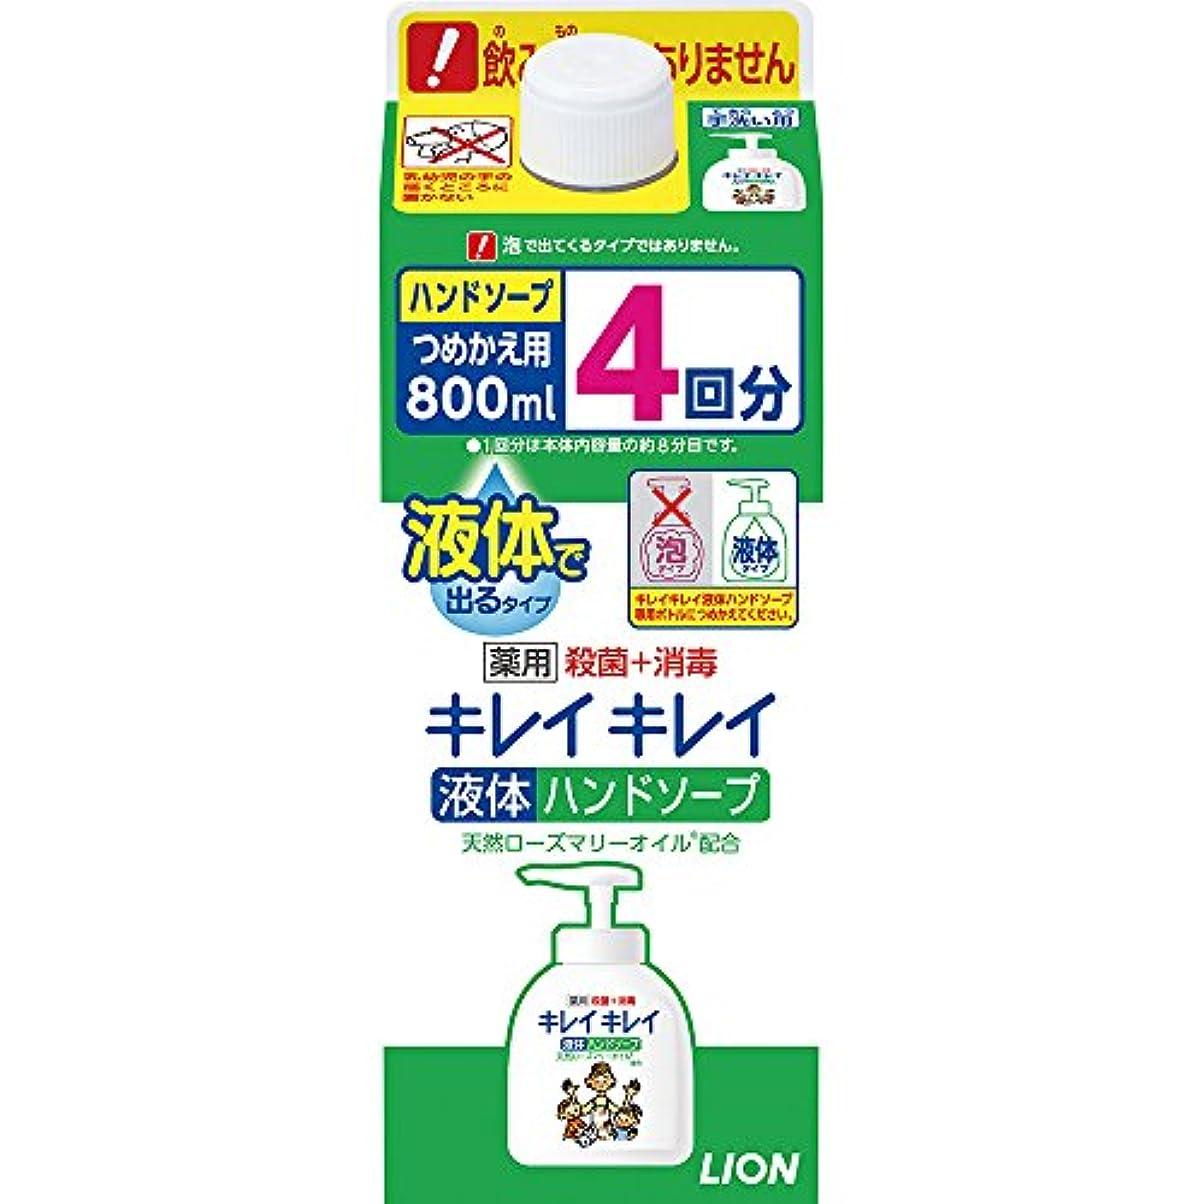 り主人単調な(医薬部外品)【大容量】キレイキレイ 薬用 液体ハンドソープ 詰め替え 特大 800ml